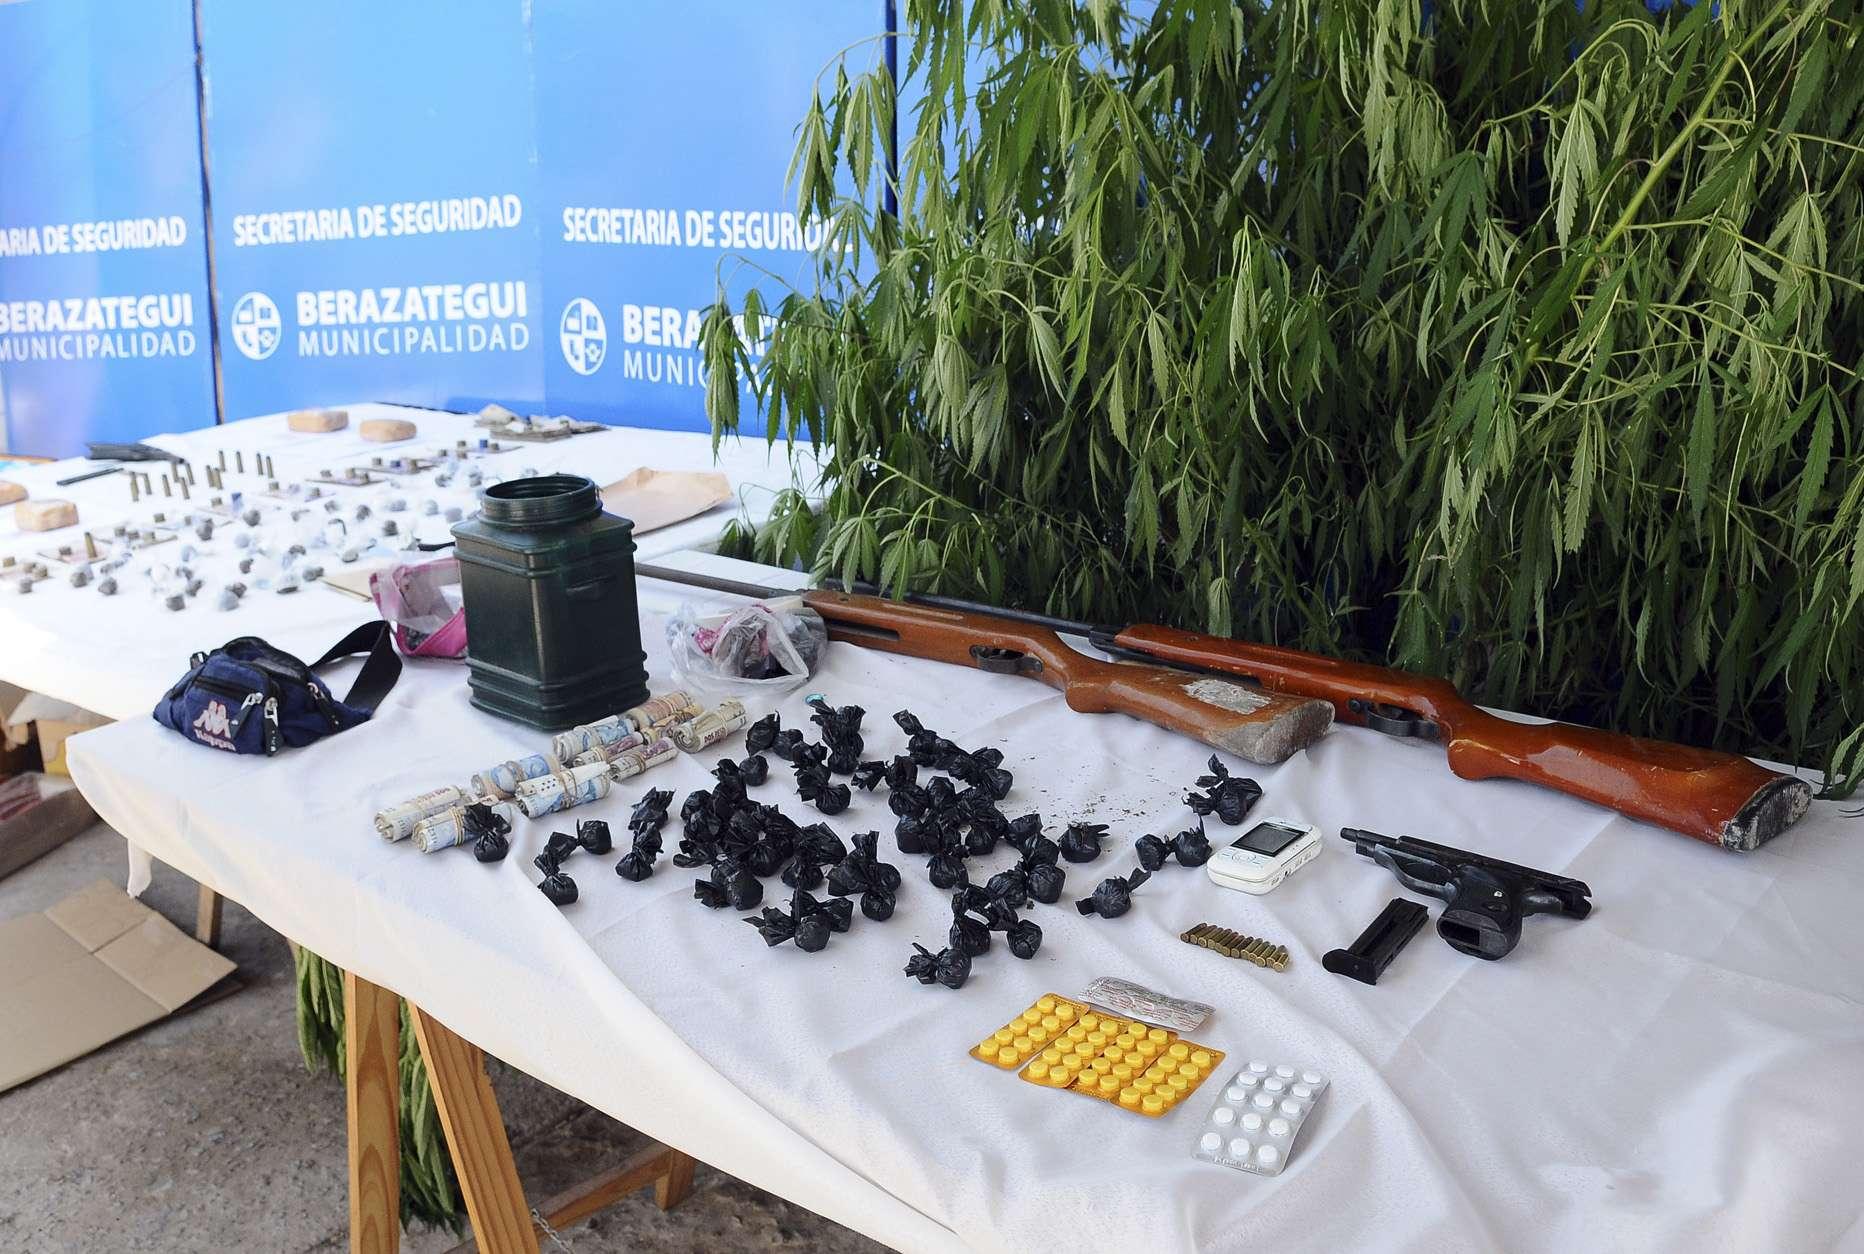 Parte de la droga incautada en Berazategui. Foto: Noticias Argentinas